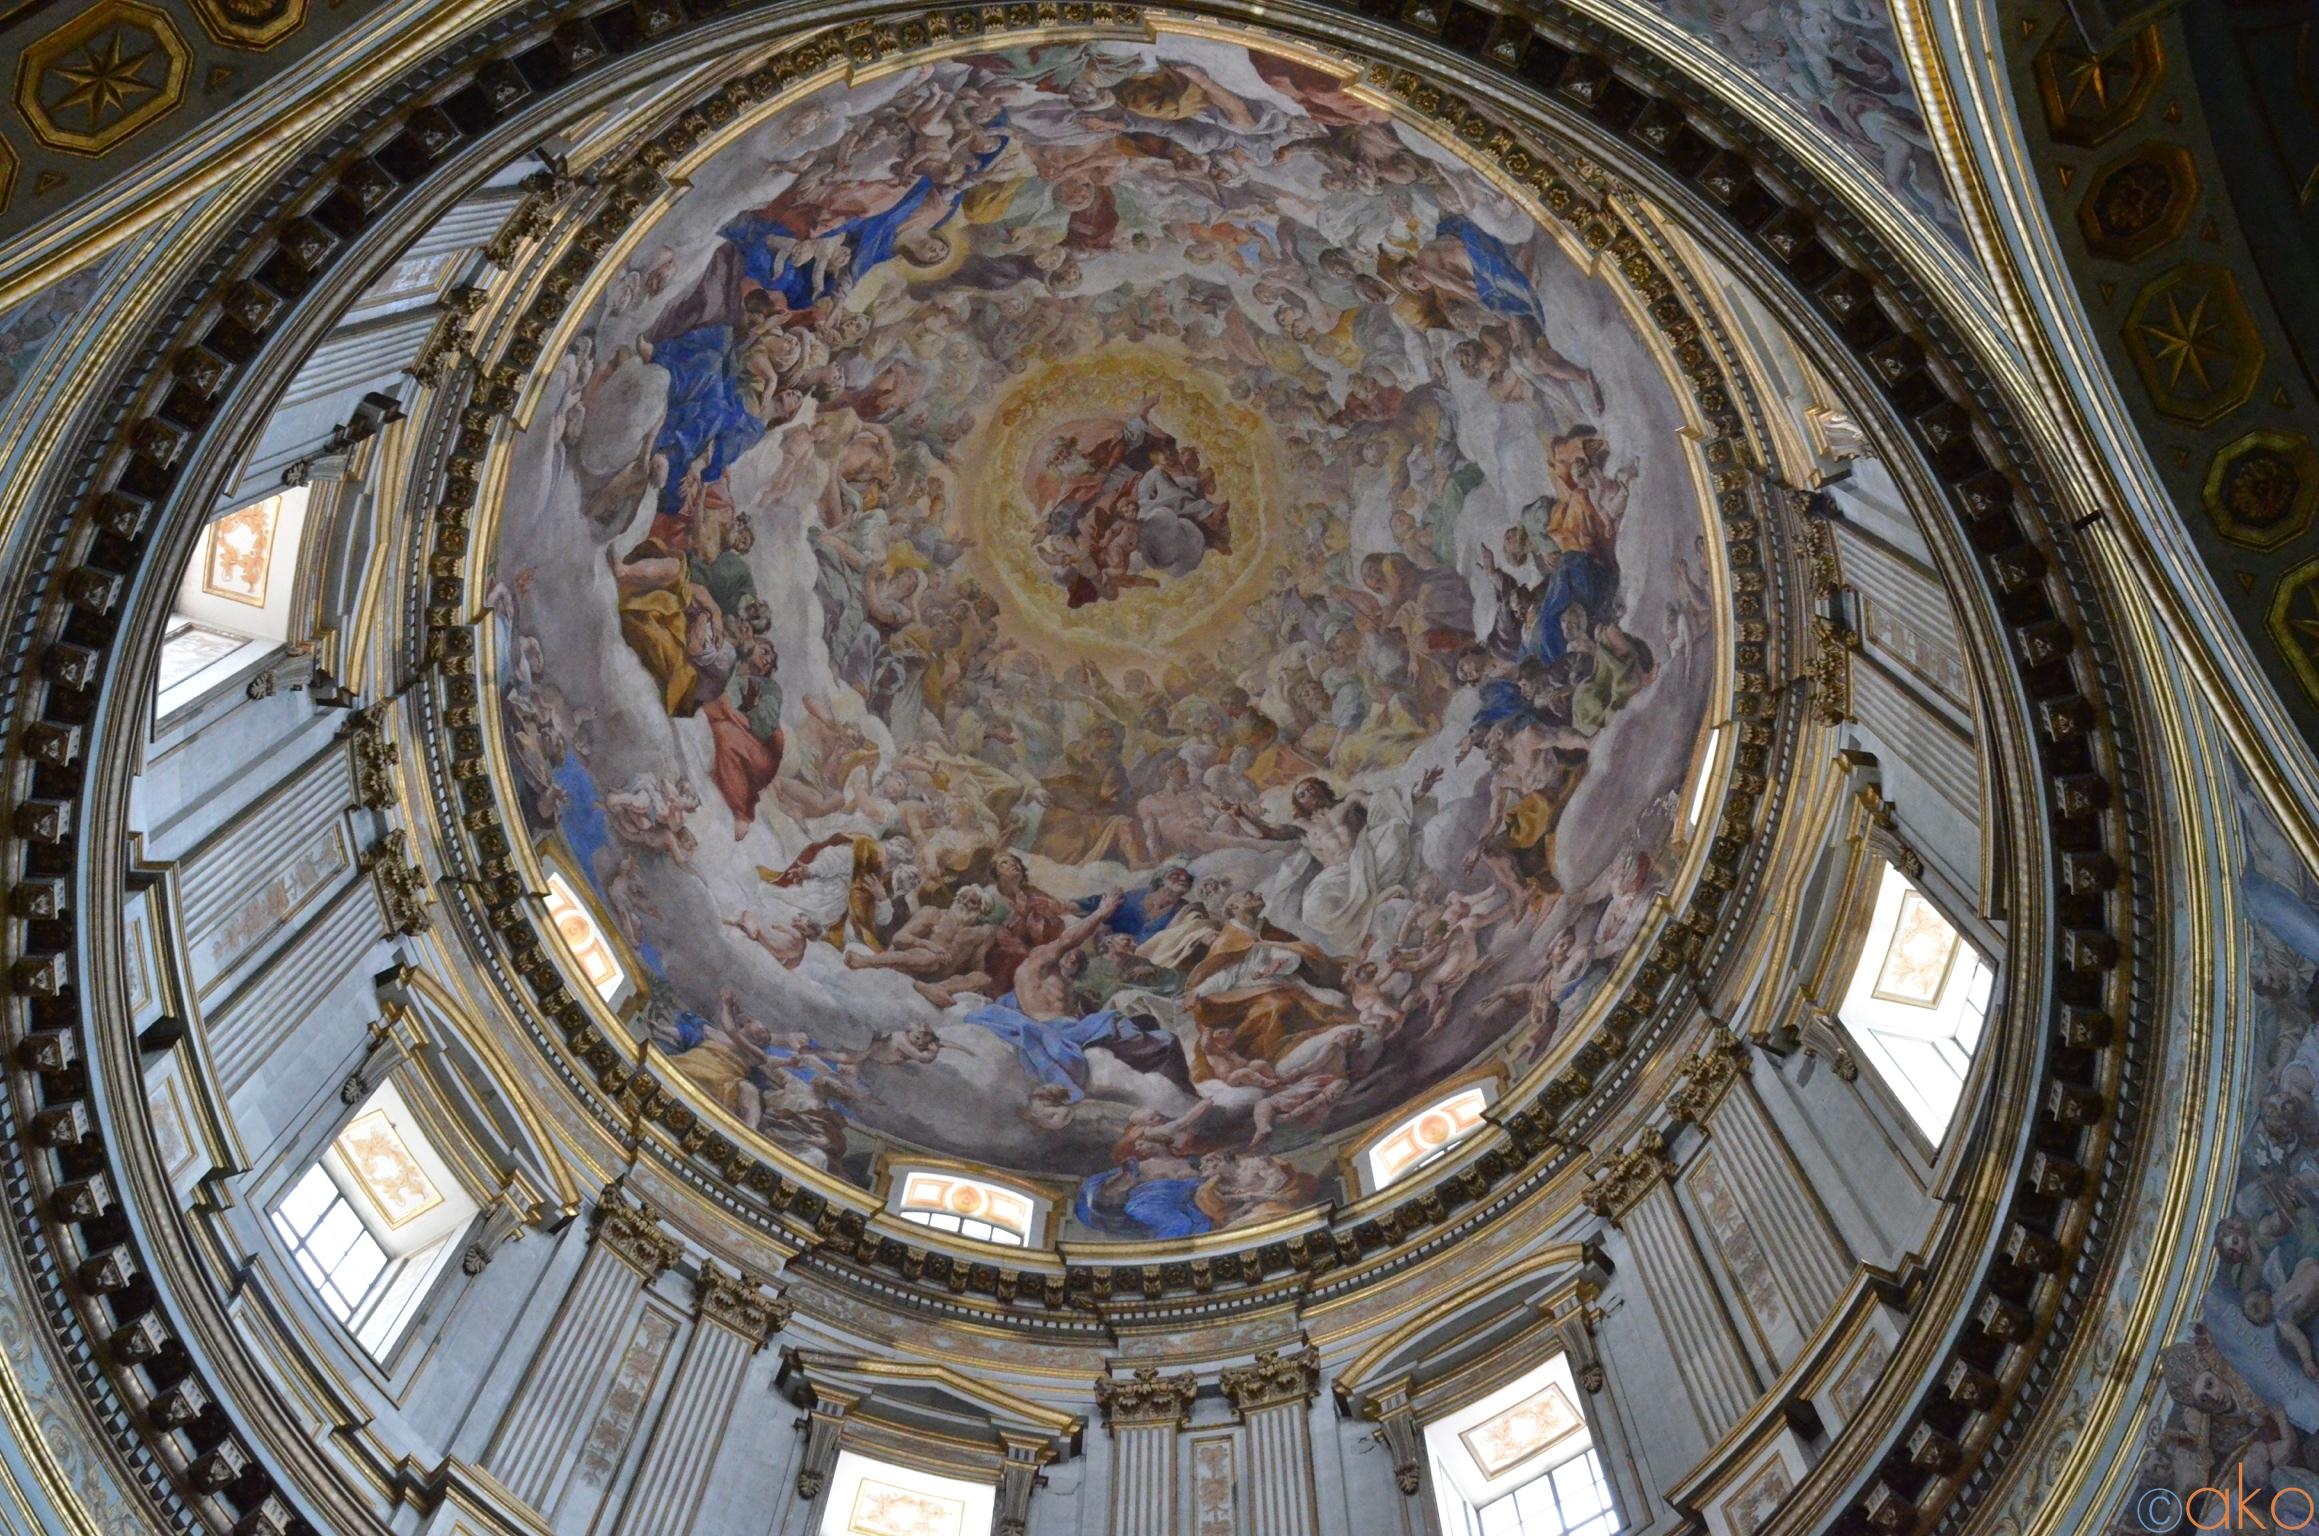 心も身体も癒されるホリスティック空間「ナポリ大聖堂」の魅力   イタリア観光ガイド